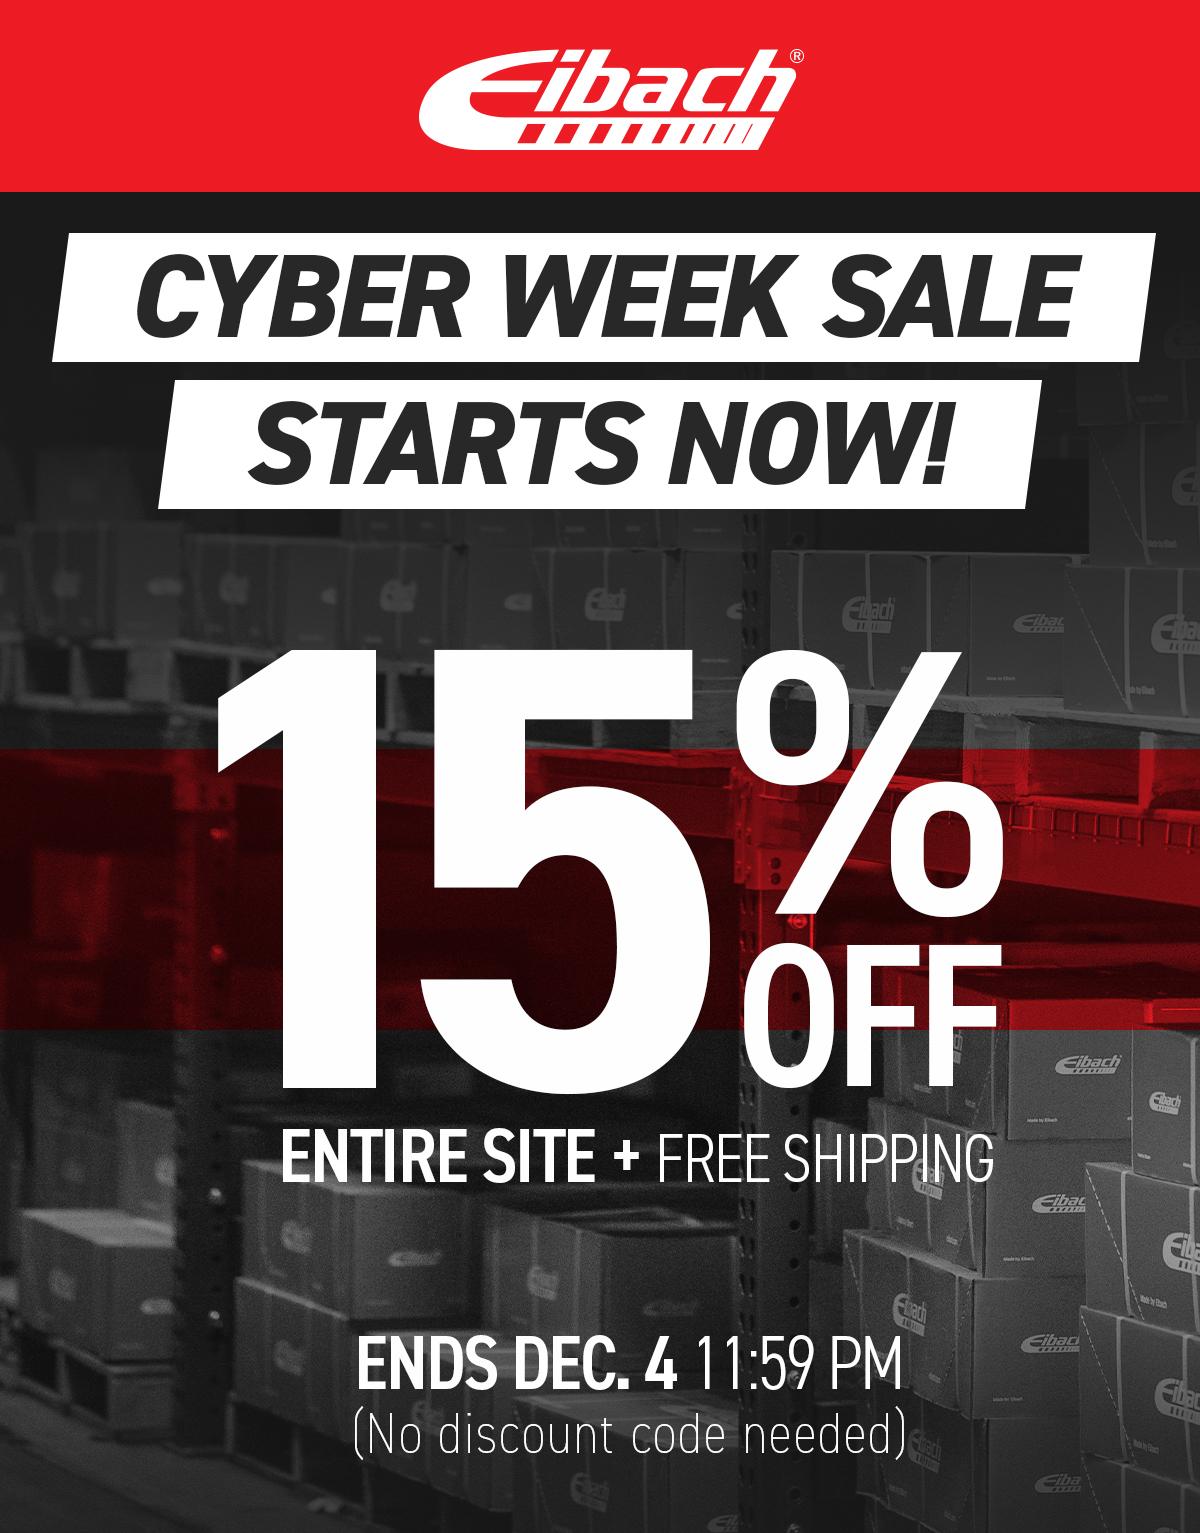 15% OFF CYBER-WEEK SALE